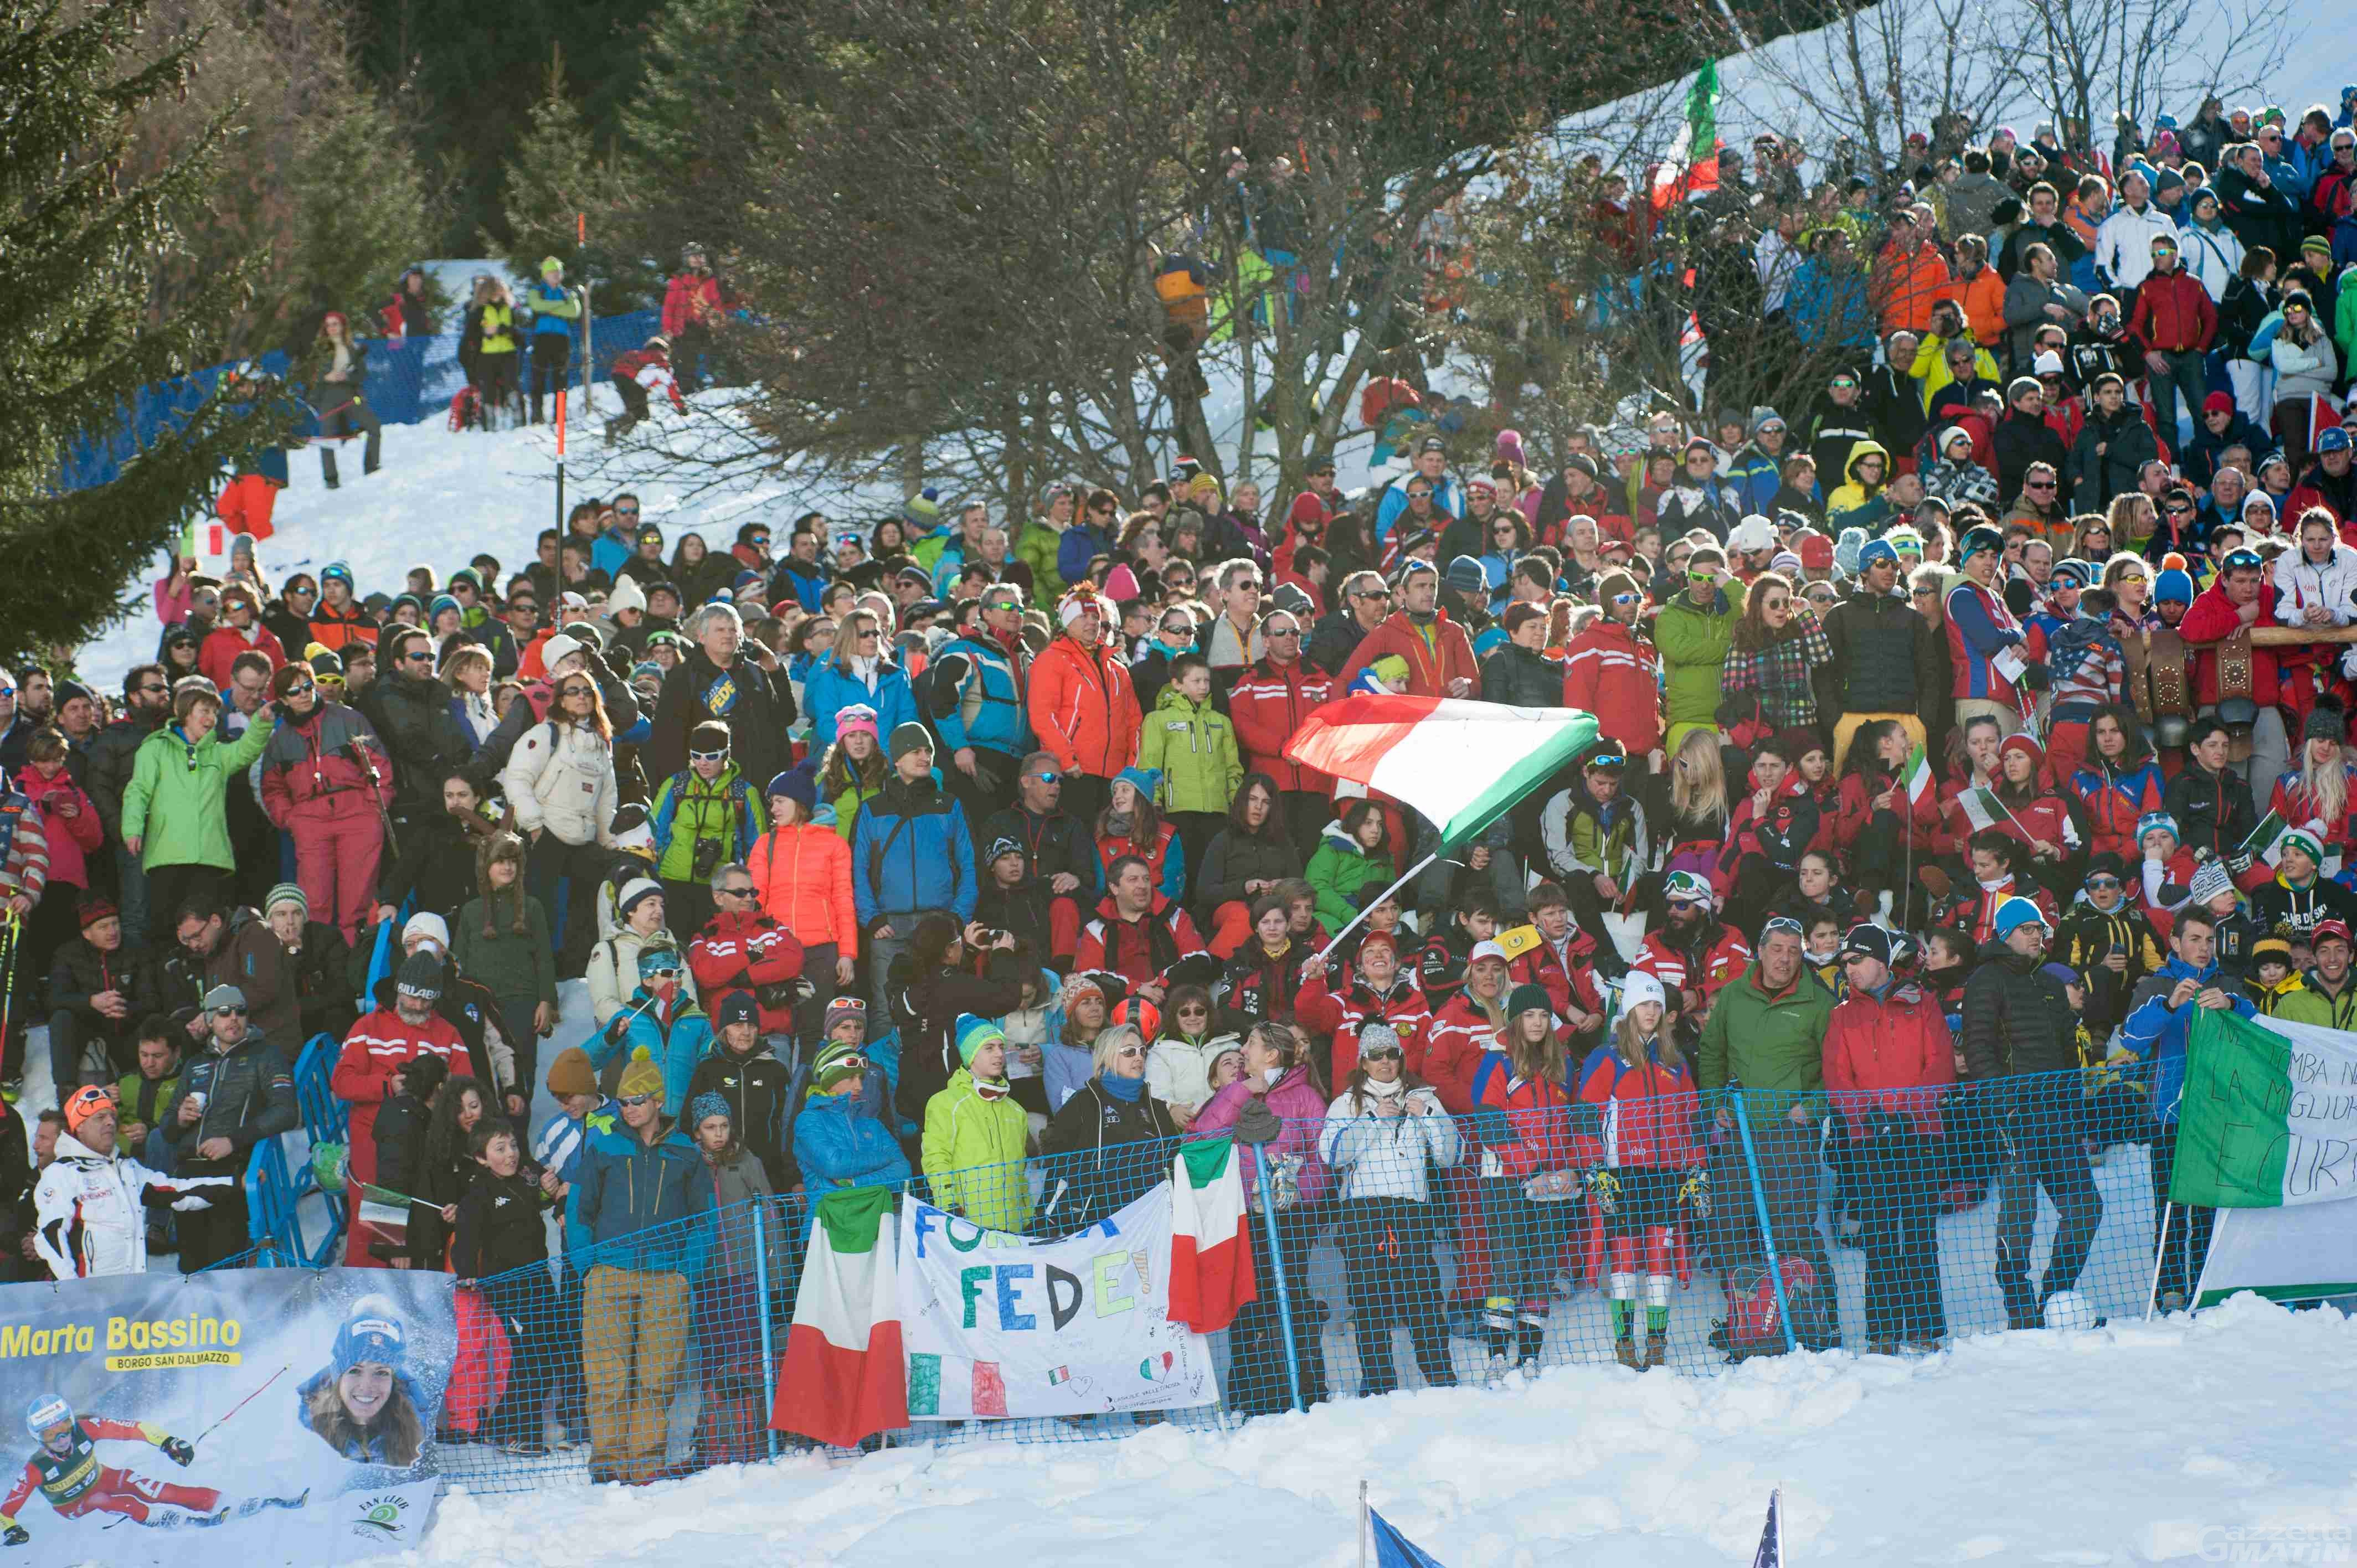 Coppa del Mondo di sci: a La Thuile solo spettatori con biglietto